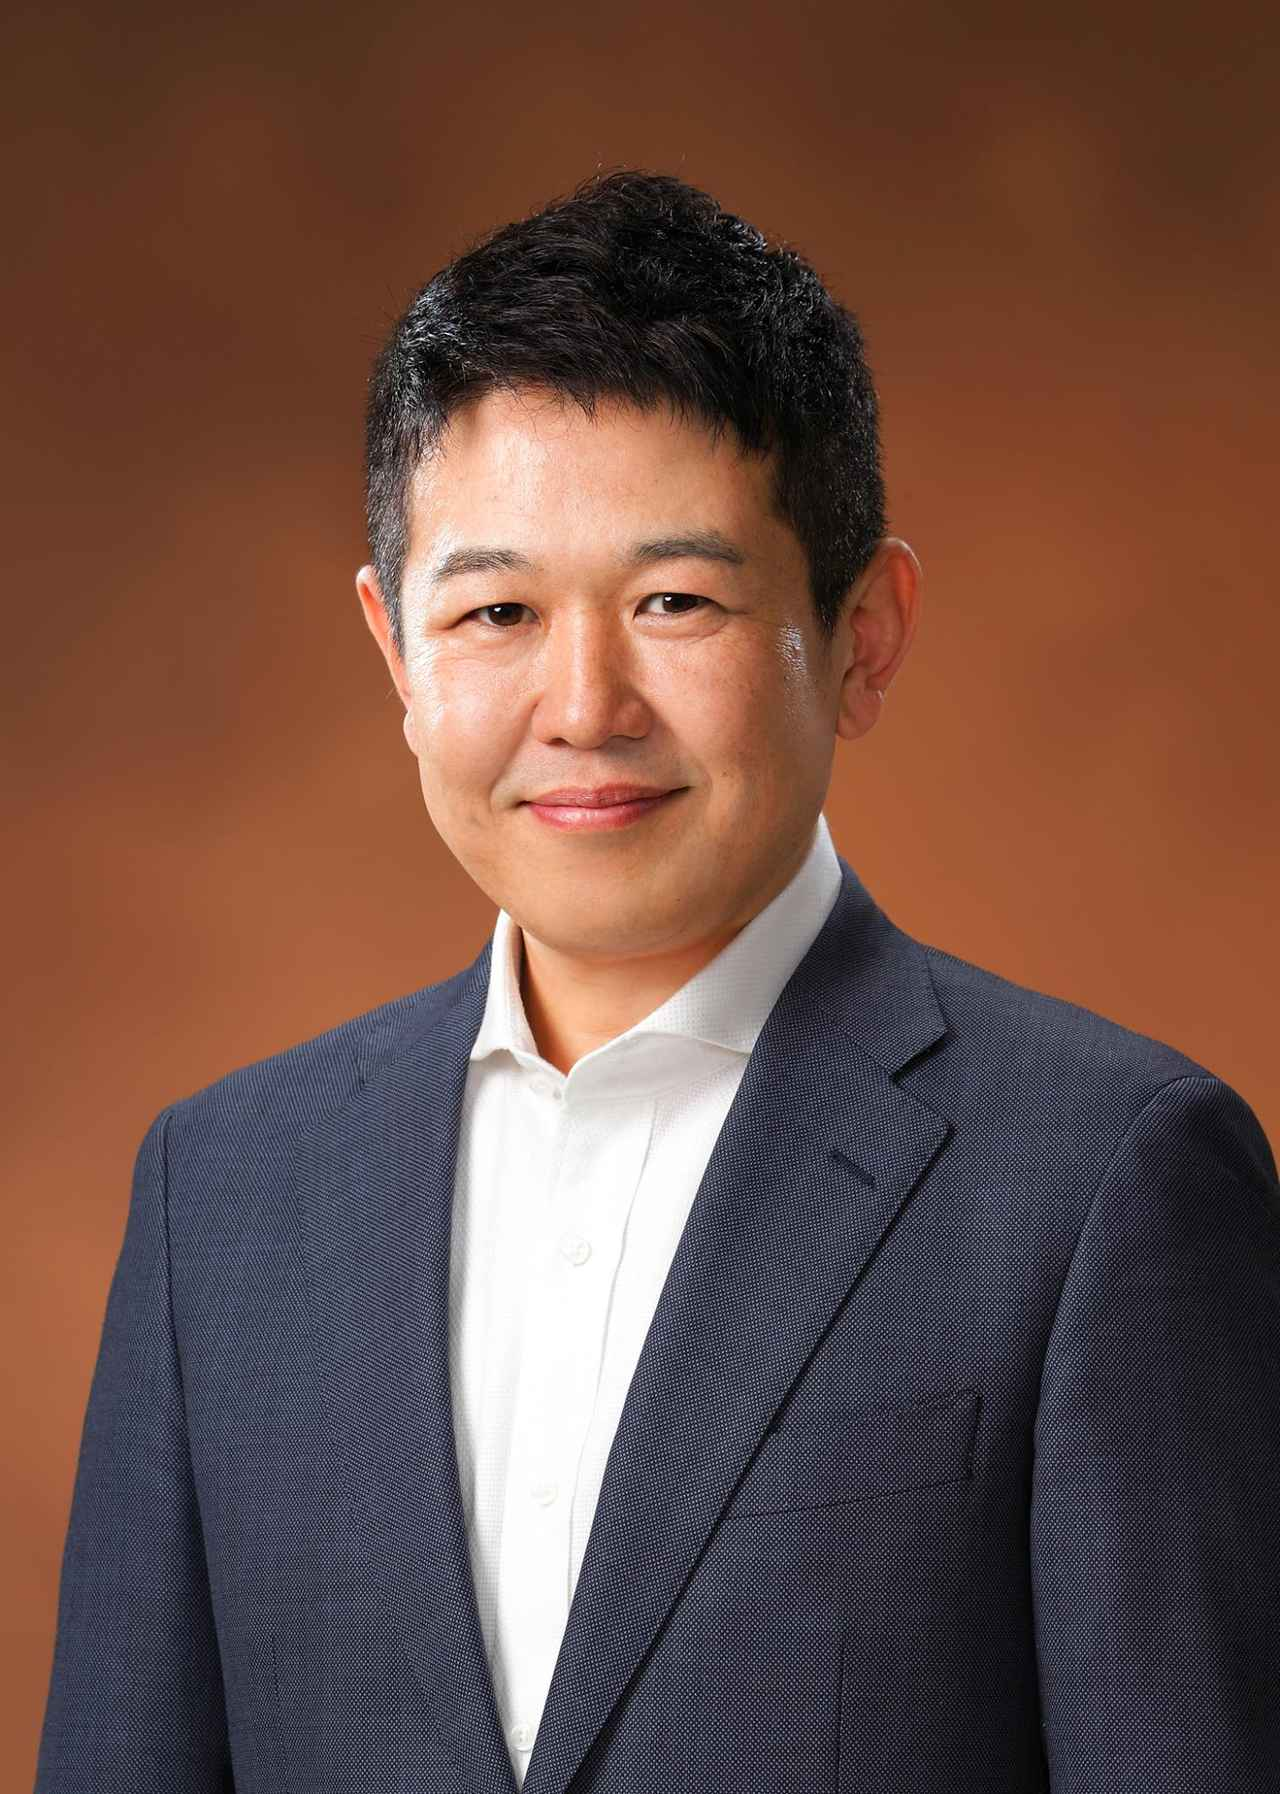 画像: 江川亮一(えがわ・りょういち) 1997年に日本オラクル株式会社に入社。ITコンサルタントとして大手企業向けウェブシステム構築やERP導入に従事。 その後、日本IBMを経て検索エンジン大手のオートノミー、ファストサーチ&トランスファーにてセールスディレクターとして数々の著名ウェブサイトでの検索・レコメンデーション導入を担当。 2010年、オンライン・メディア企業向けに収益の最大化・ユーザエクスペリエンス向上ソリューションをクラウドで提供するシーセンスの立ち上げに参画。グローバルで7000、日本国内で450を超えるサイトで採用済み。